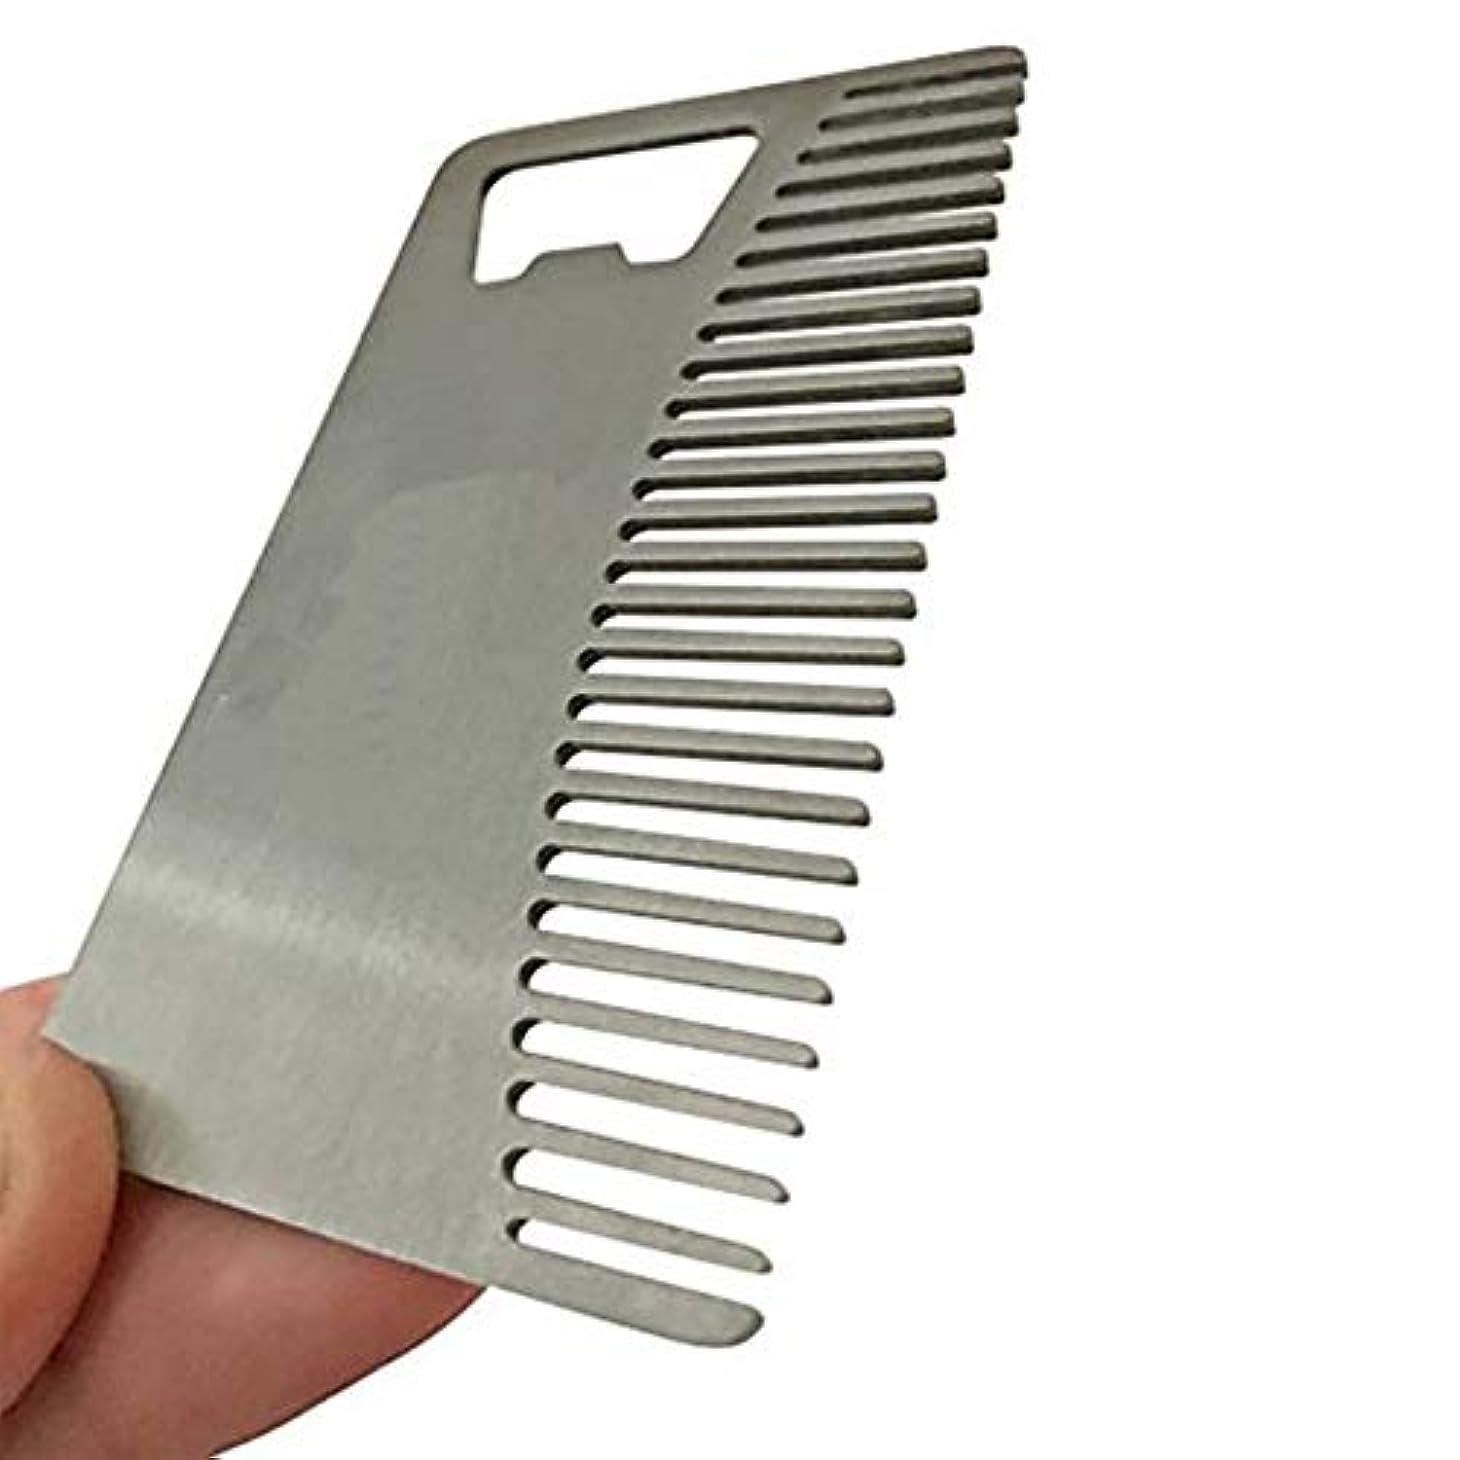 無力ドラムウイルスメタルヘア&ビアードウォレットとポケット用の多目的クレジットカードサイズのツールと銀の髭櫛 - シルバー